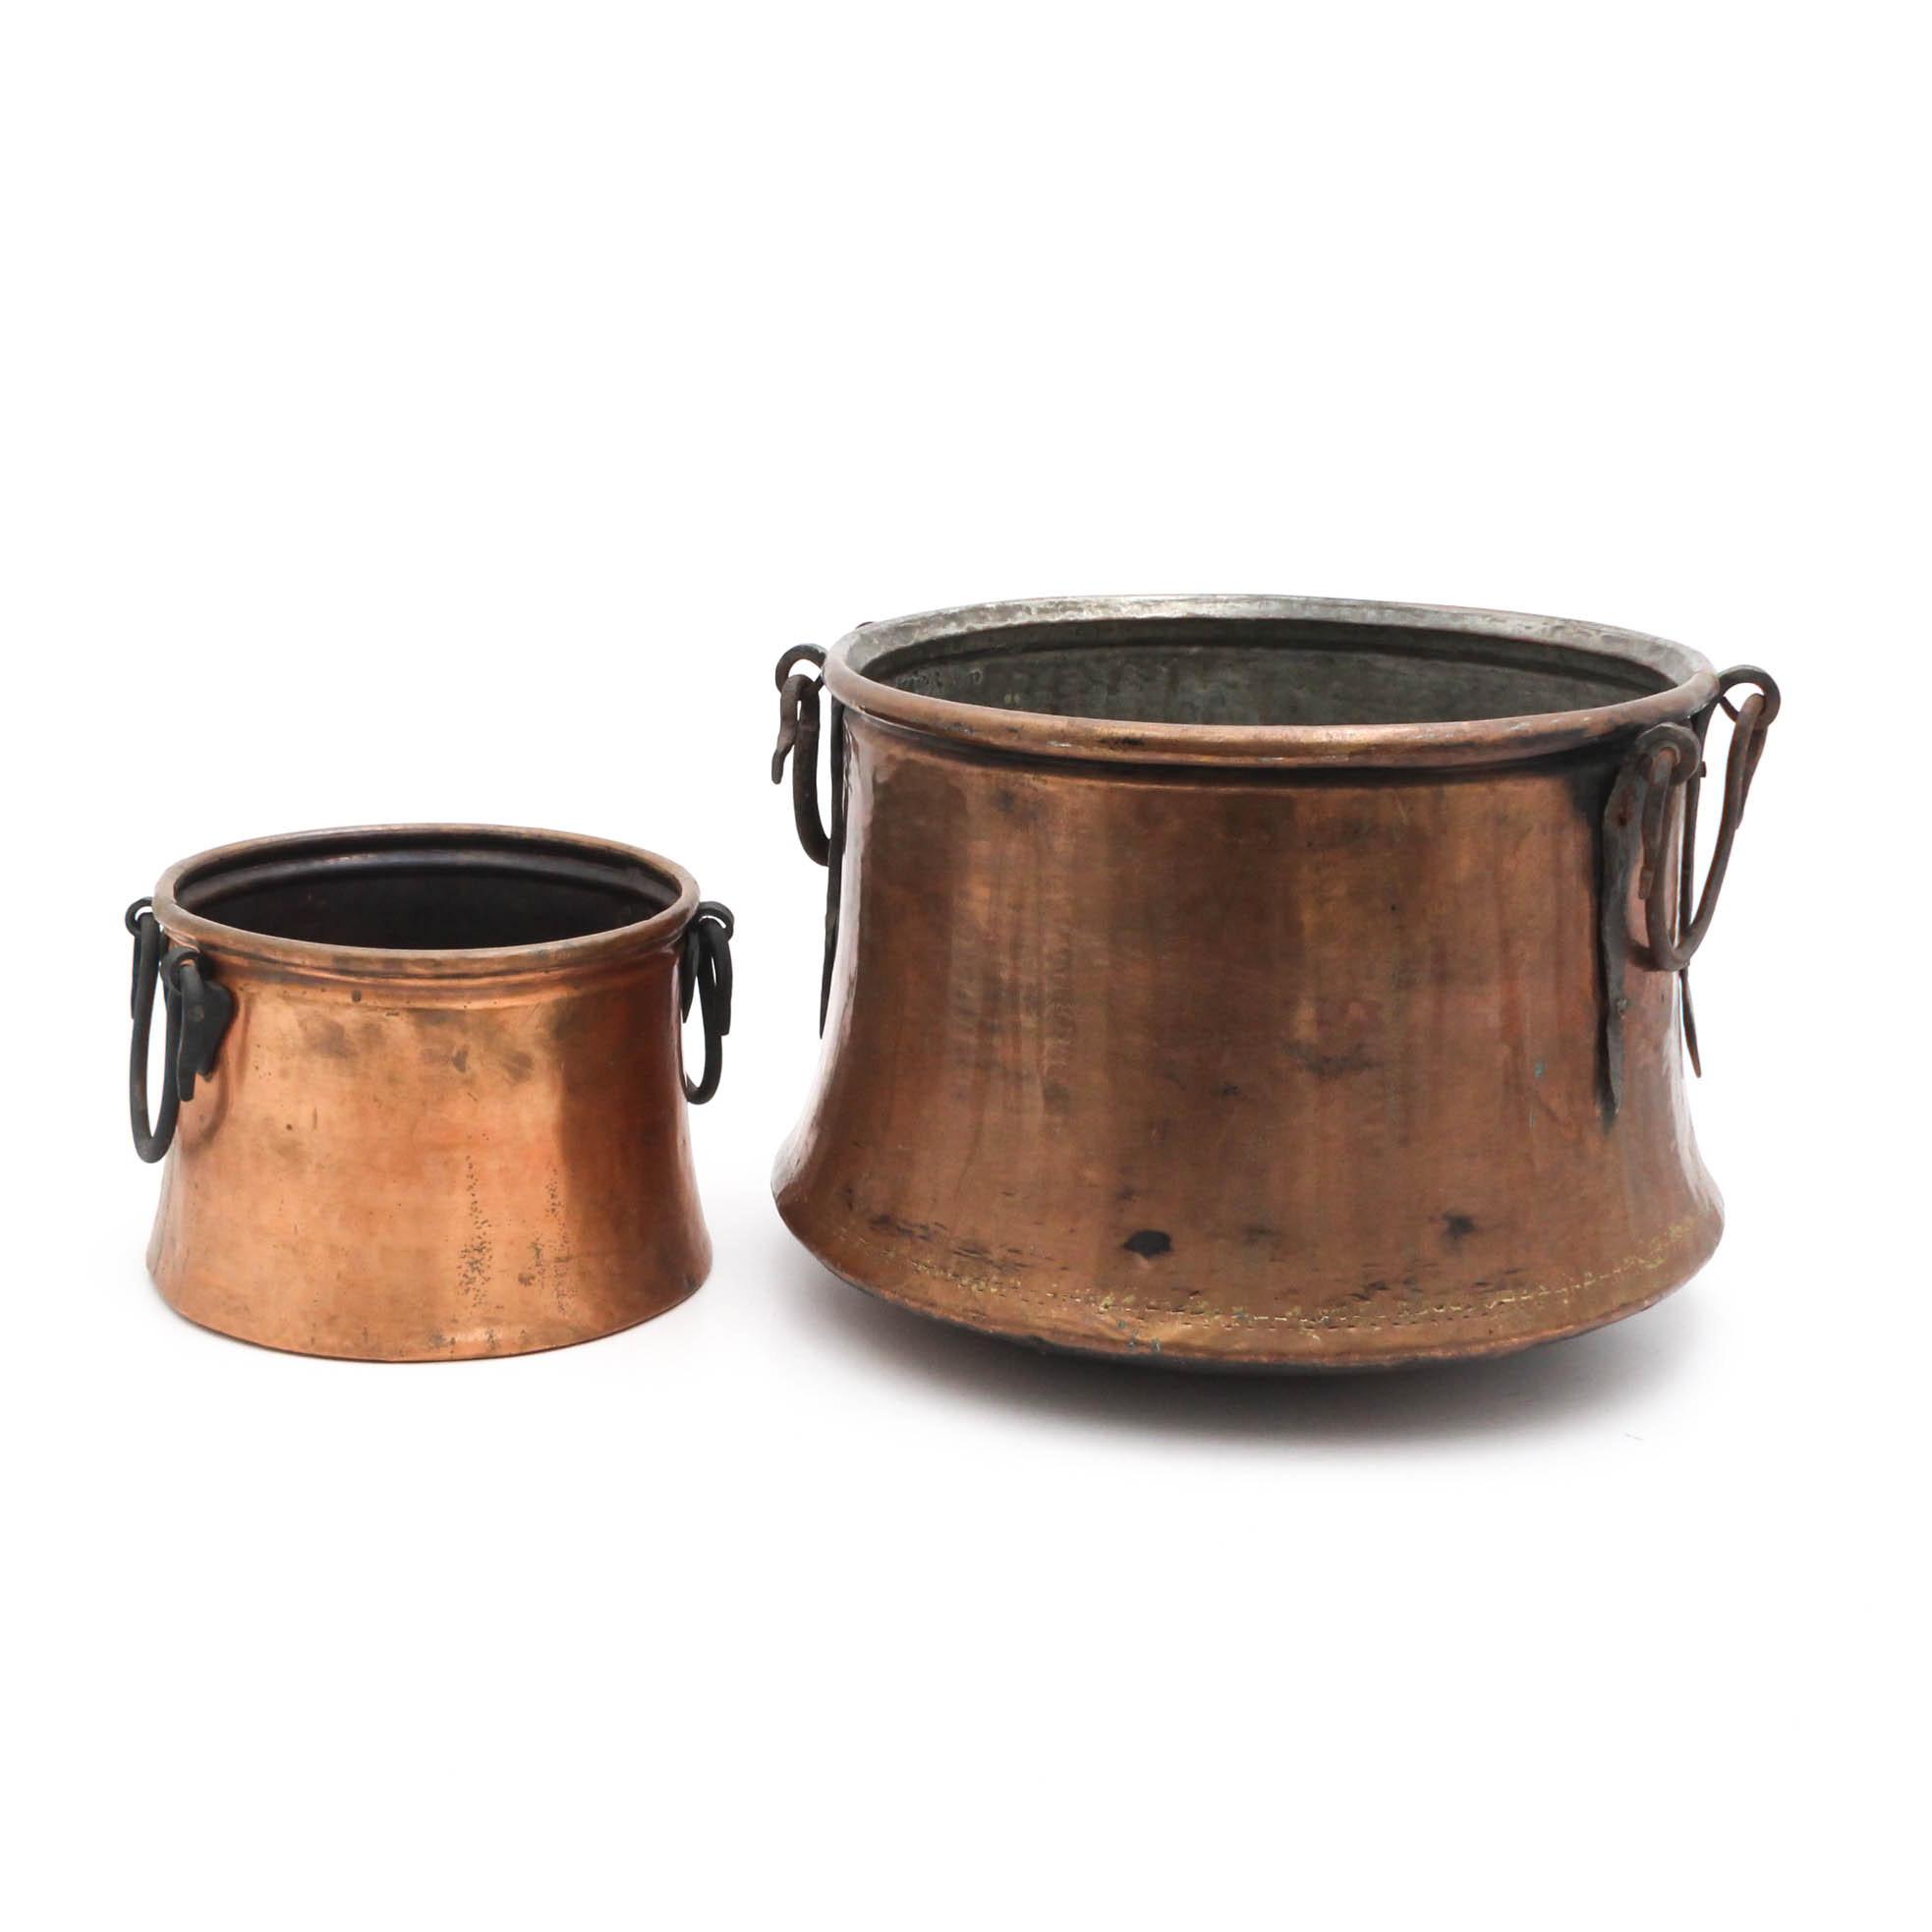 Vintage Turkish Copper Pots